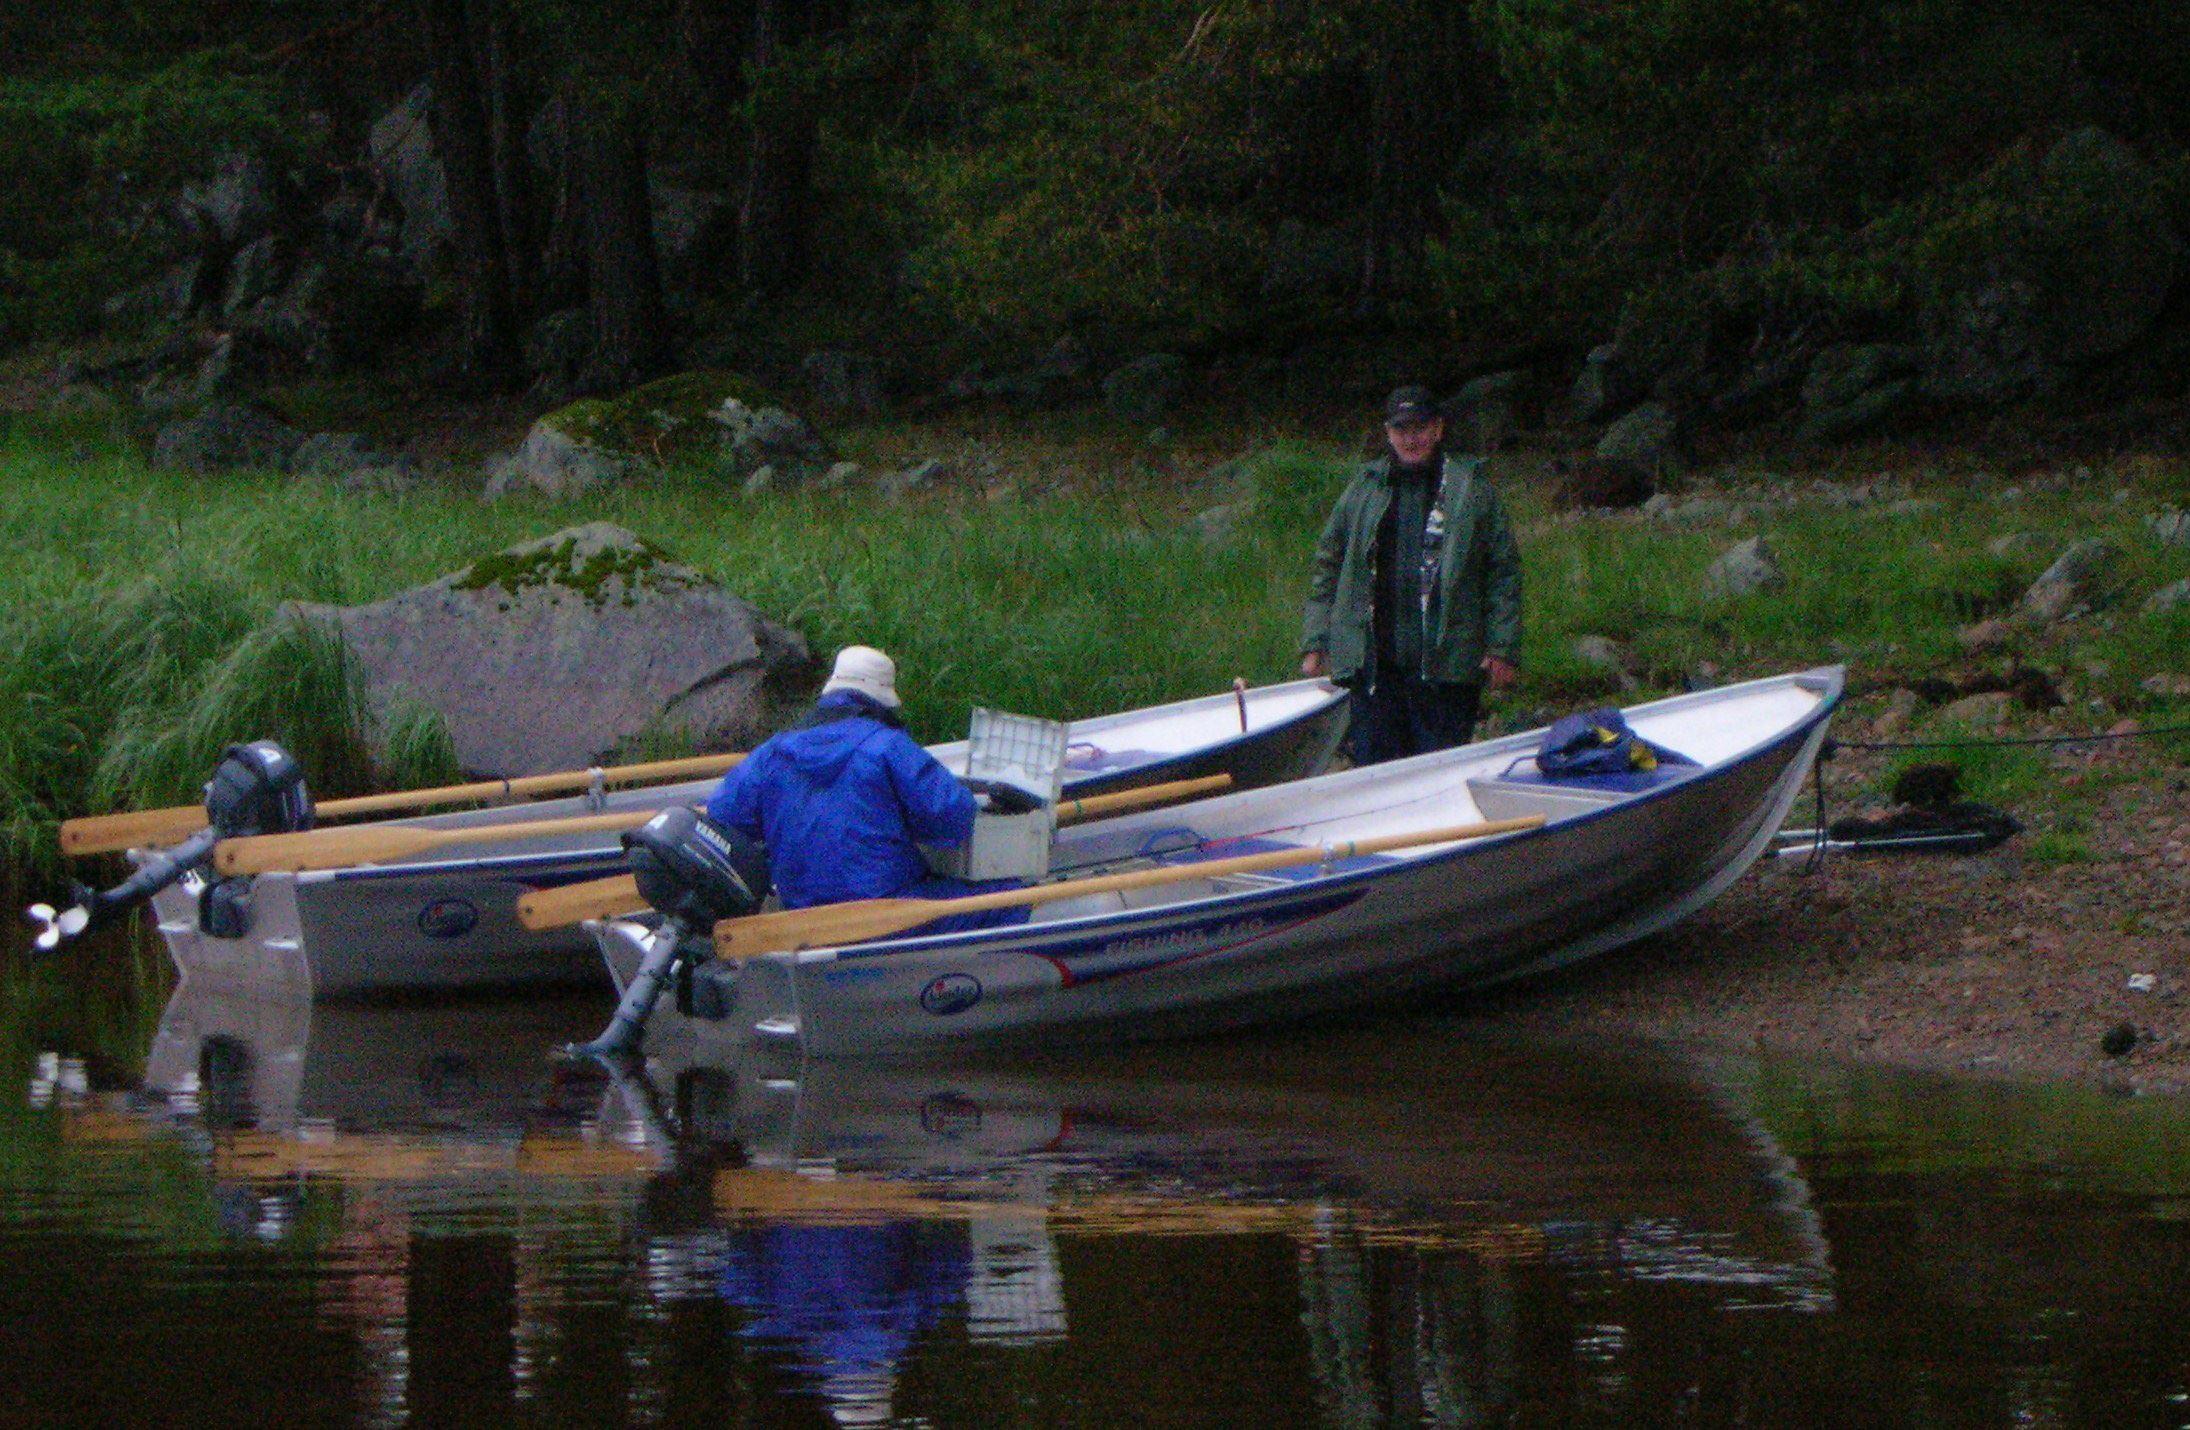 Foto: Bengtsgård,  © Copyright, Fishing at Bengtsgård - By